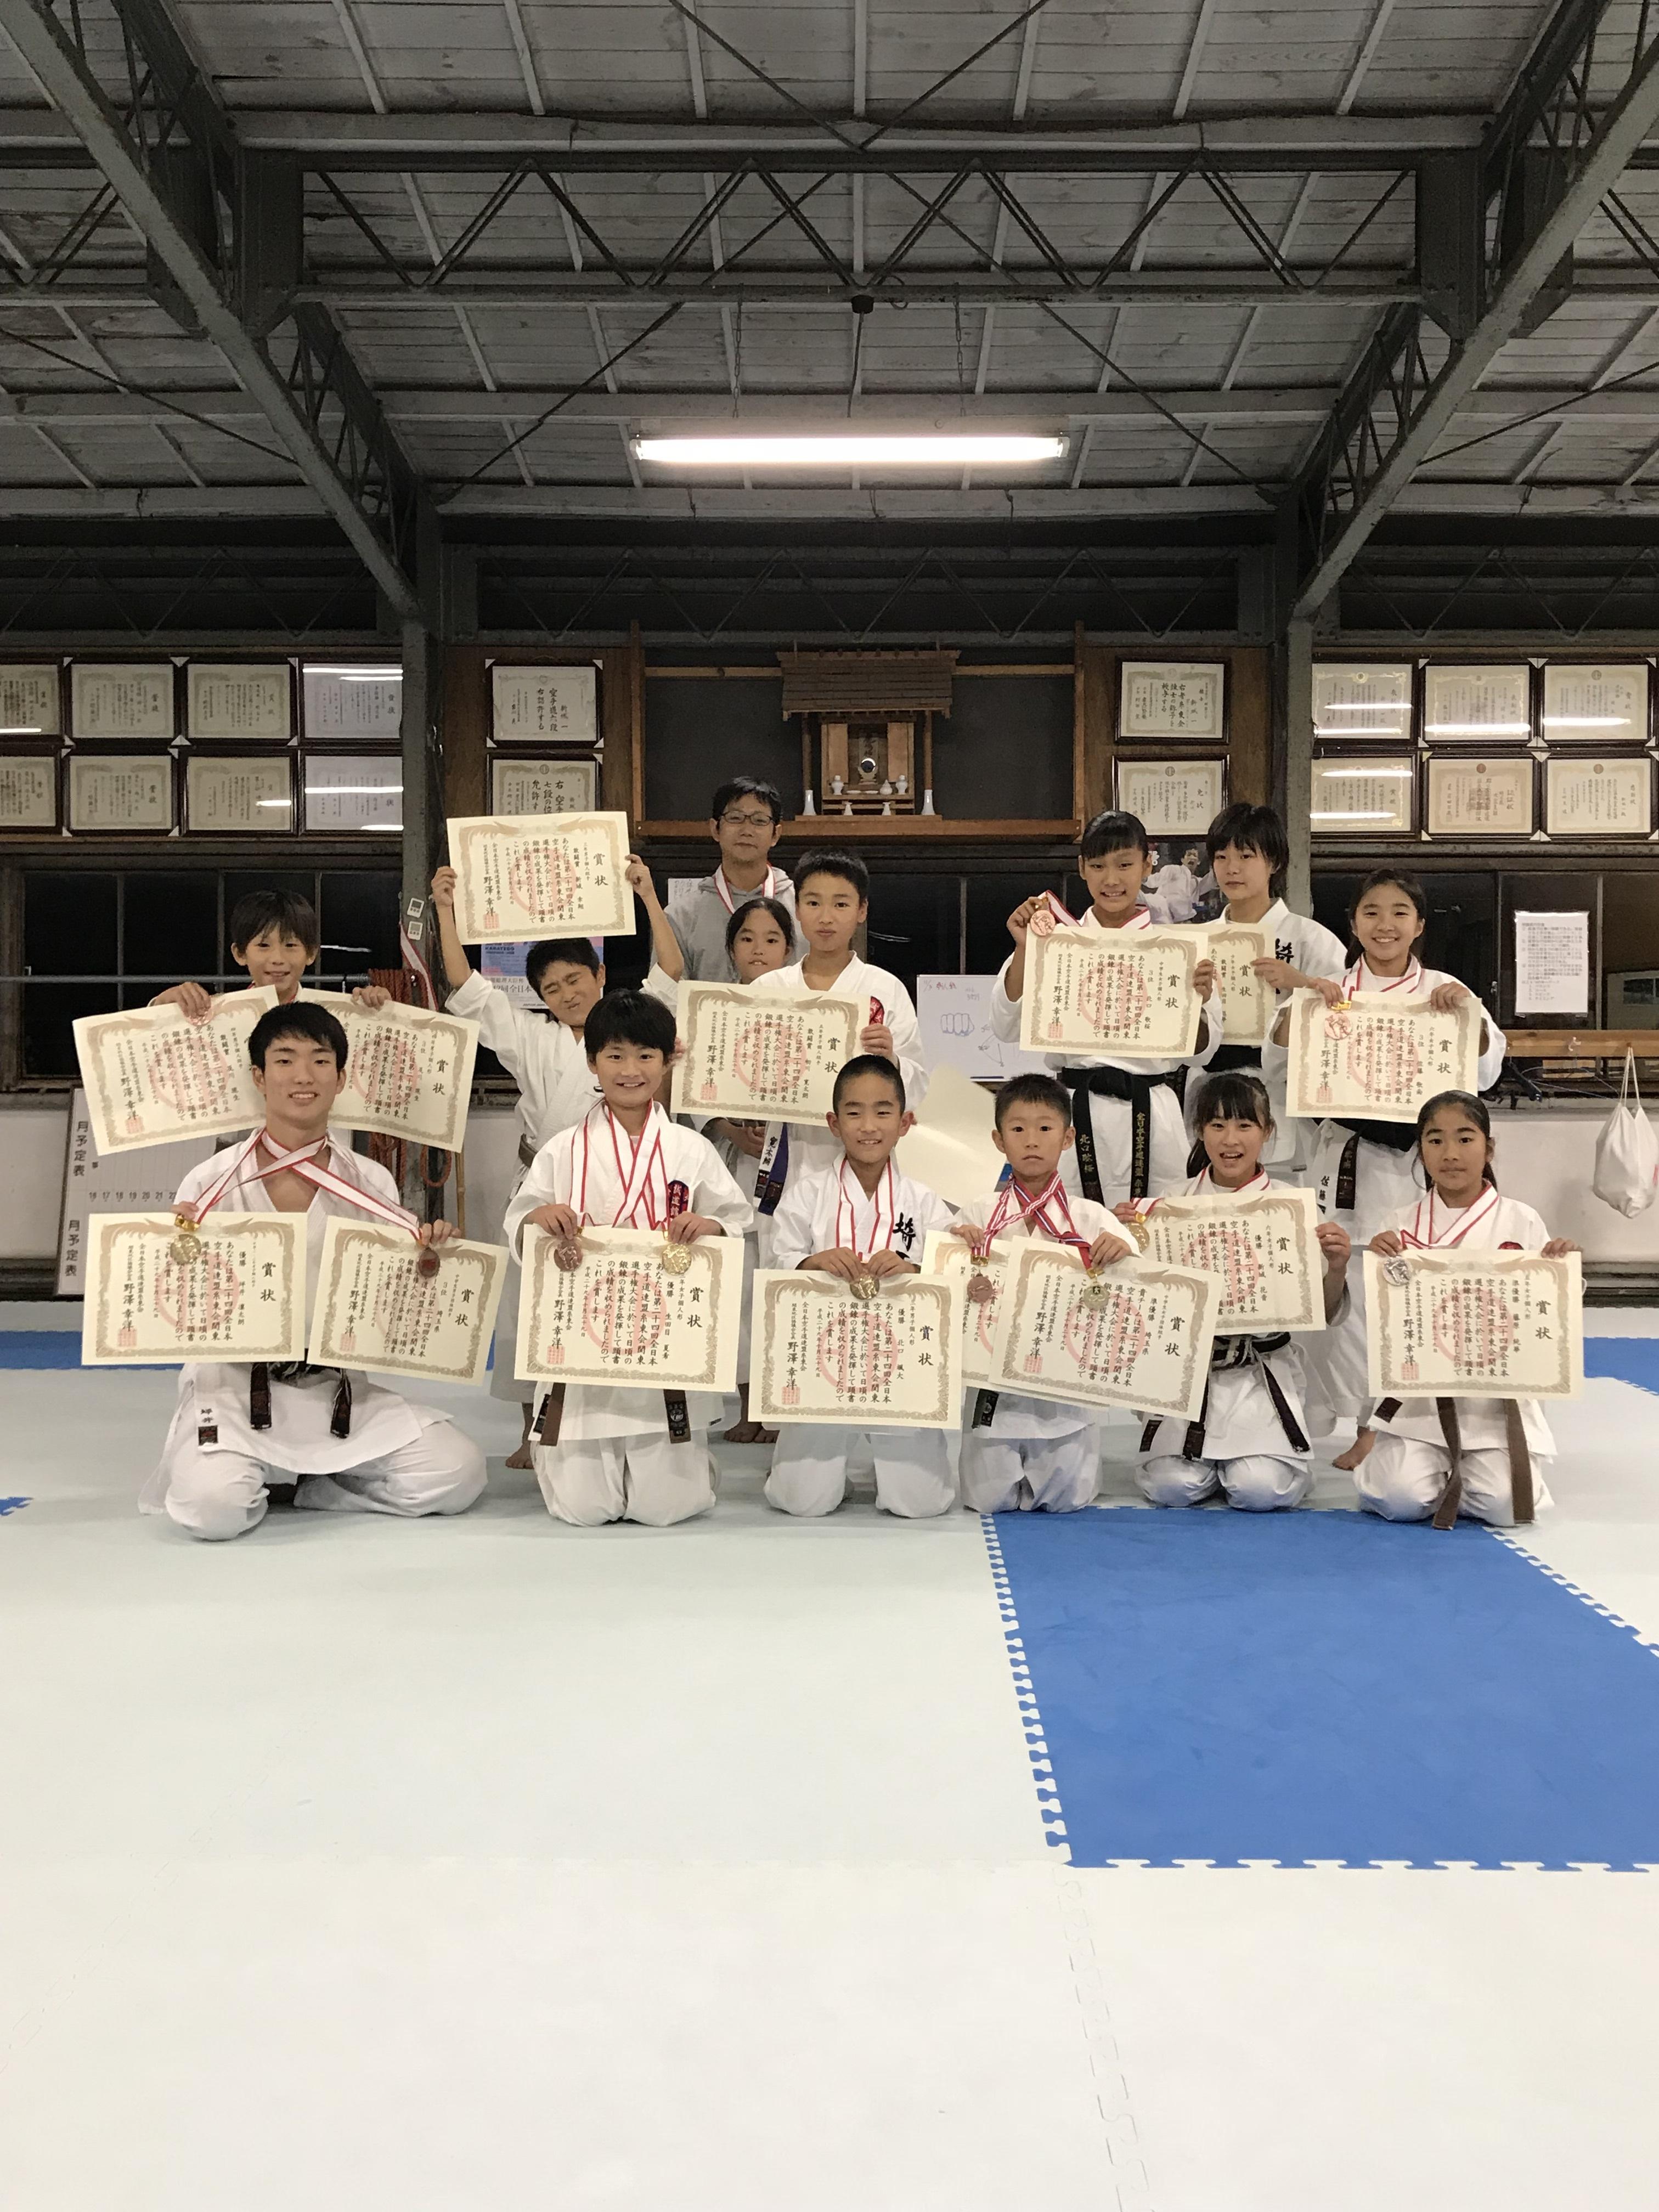 第24回 全日本空手道連盟糸東会関東選手権大会